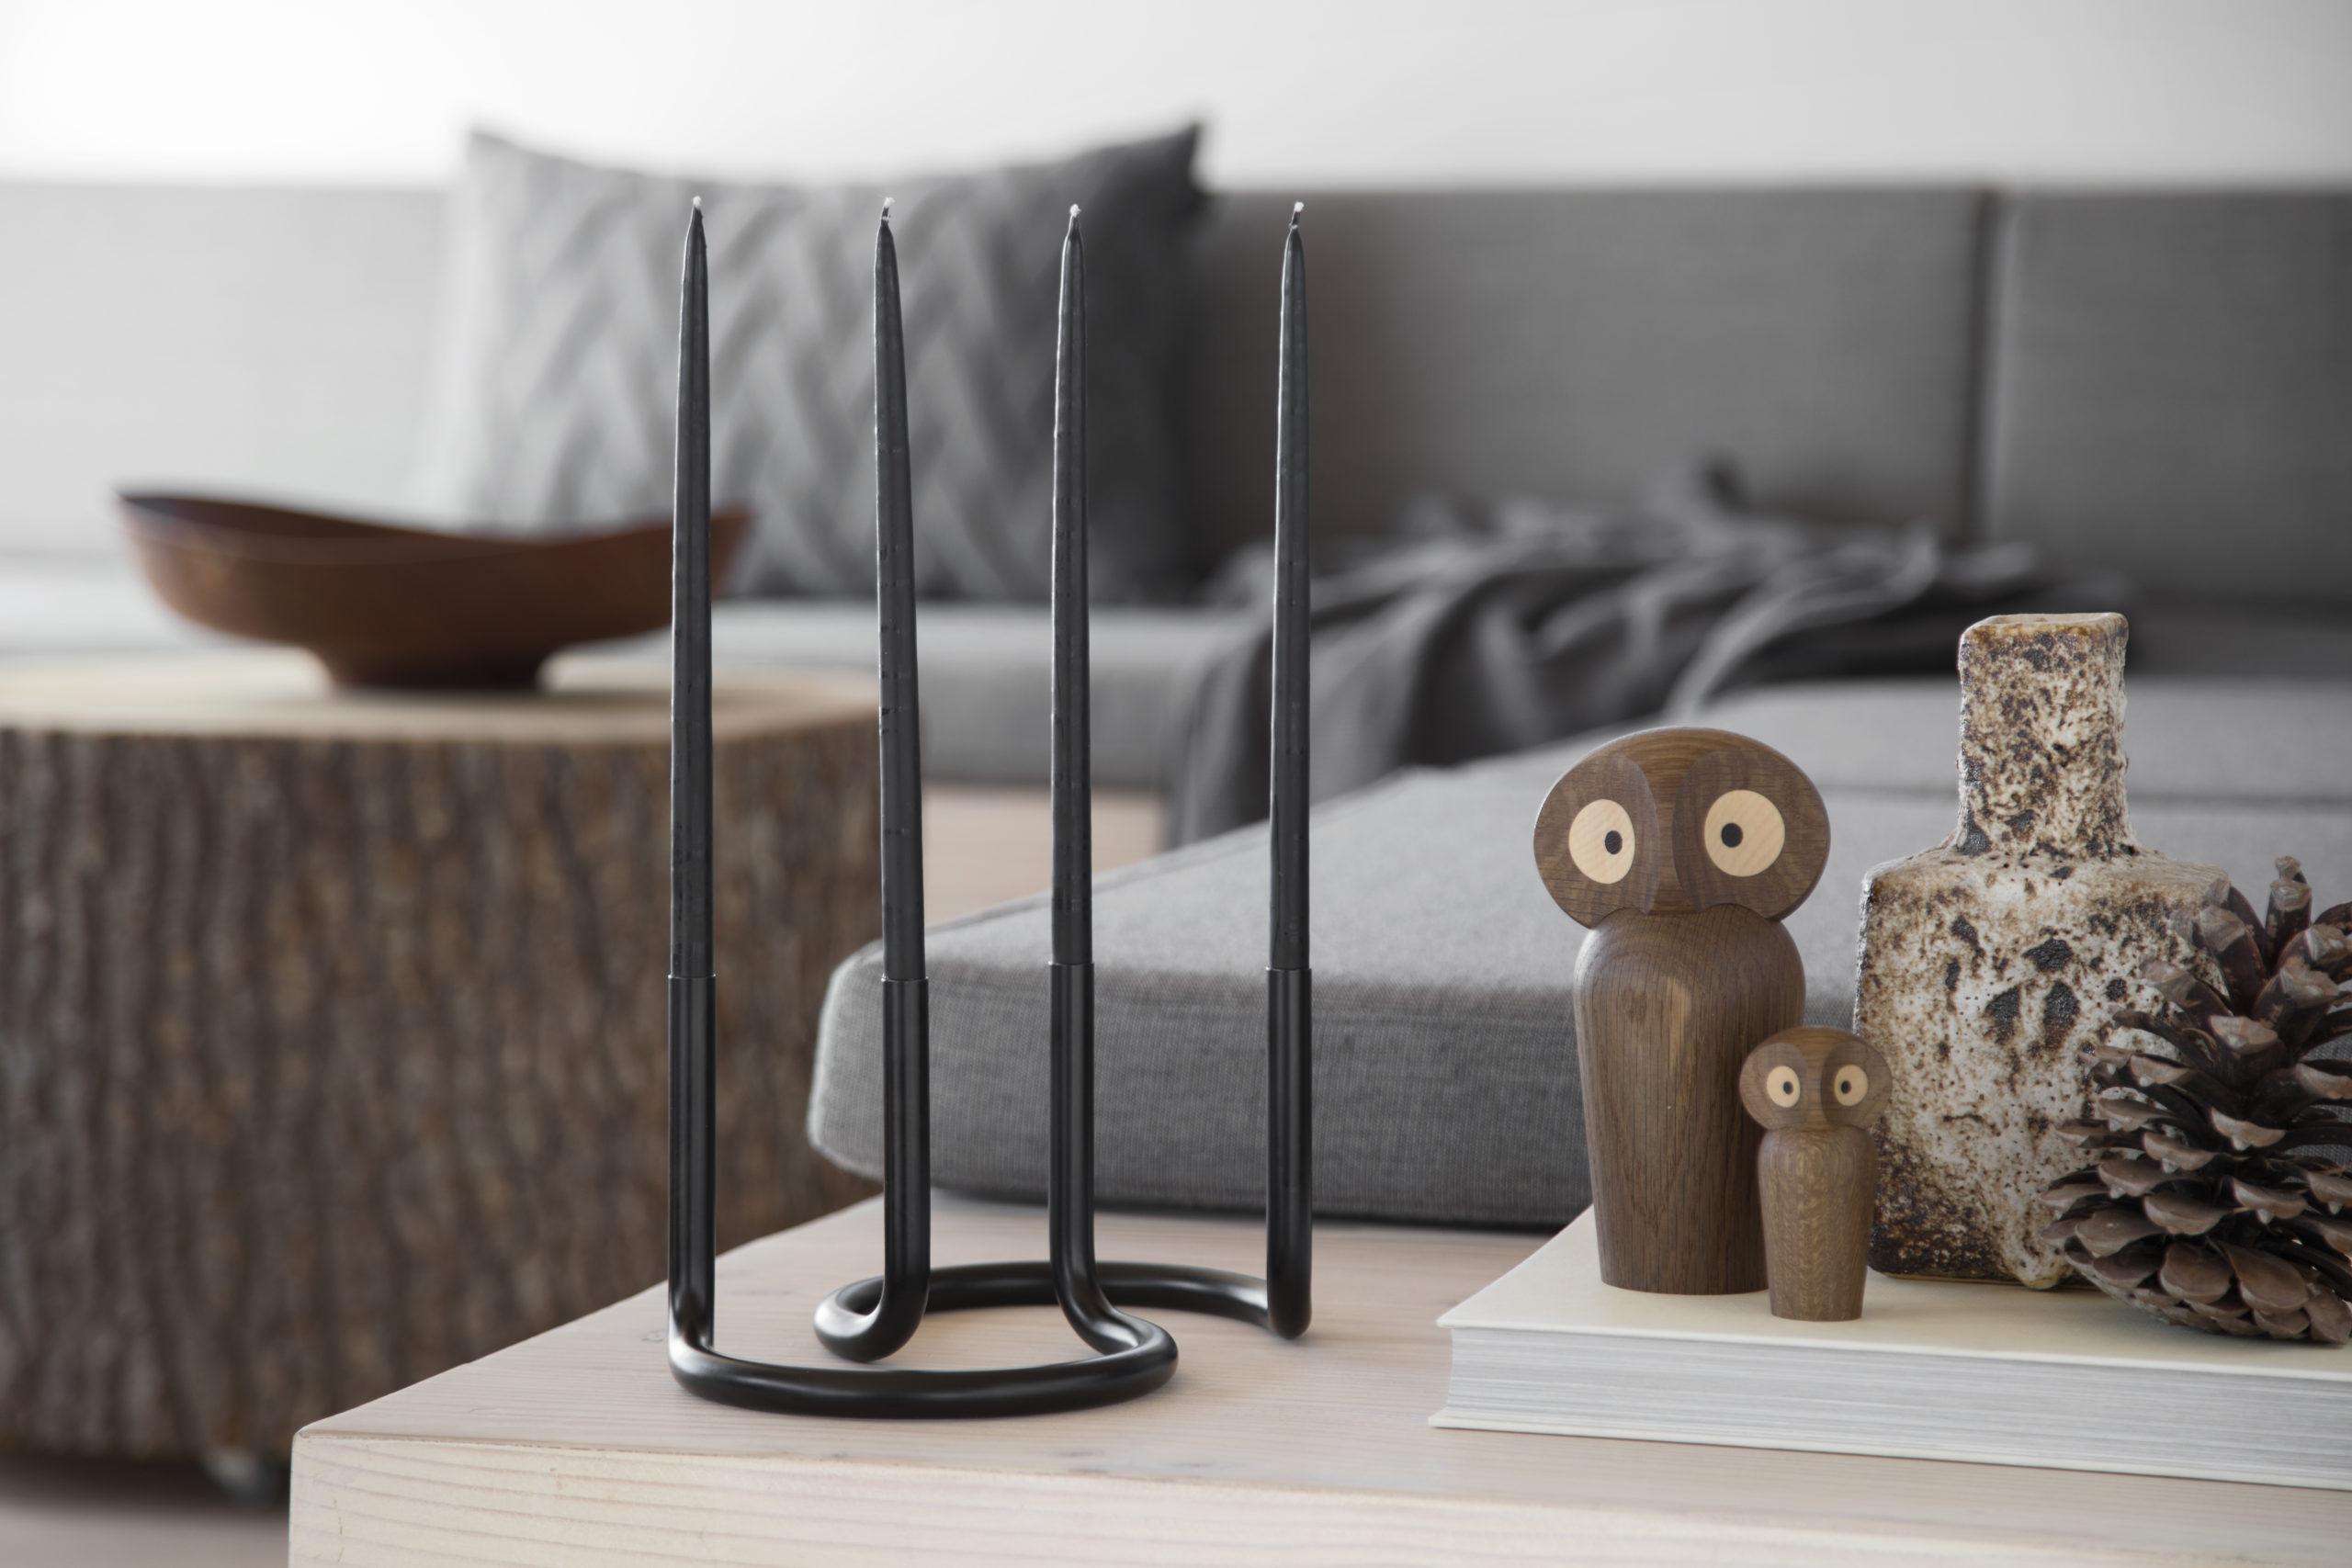 Architectmade-Gemini-Candleholder-Stainless-Steel-Denmark-Peter-Karpf-15